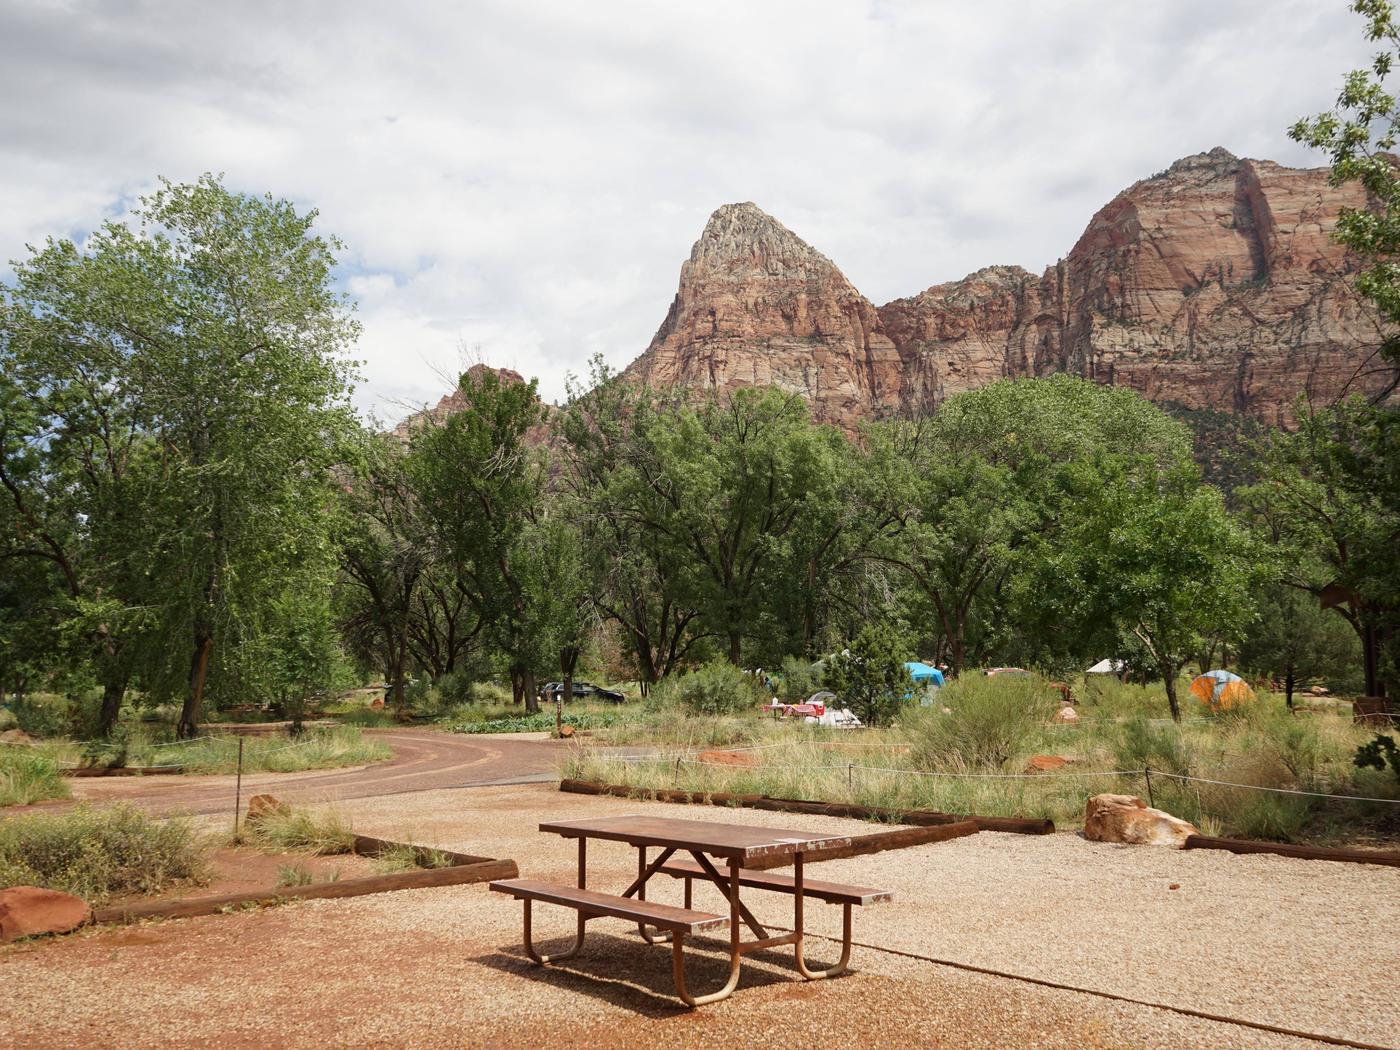 Campsite areaC15